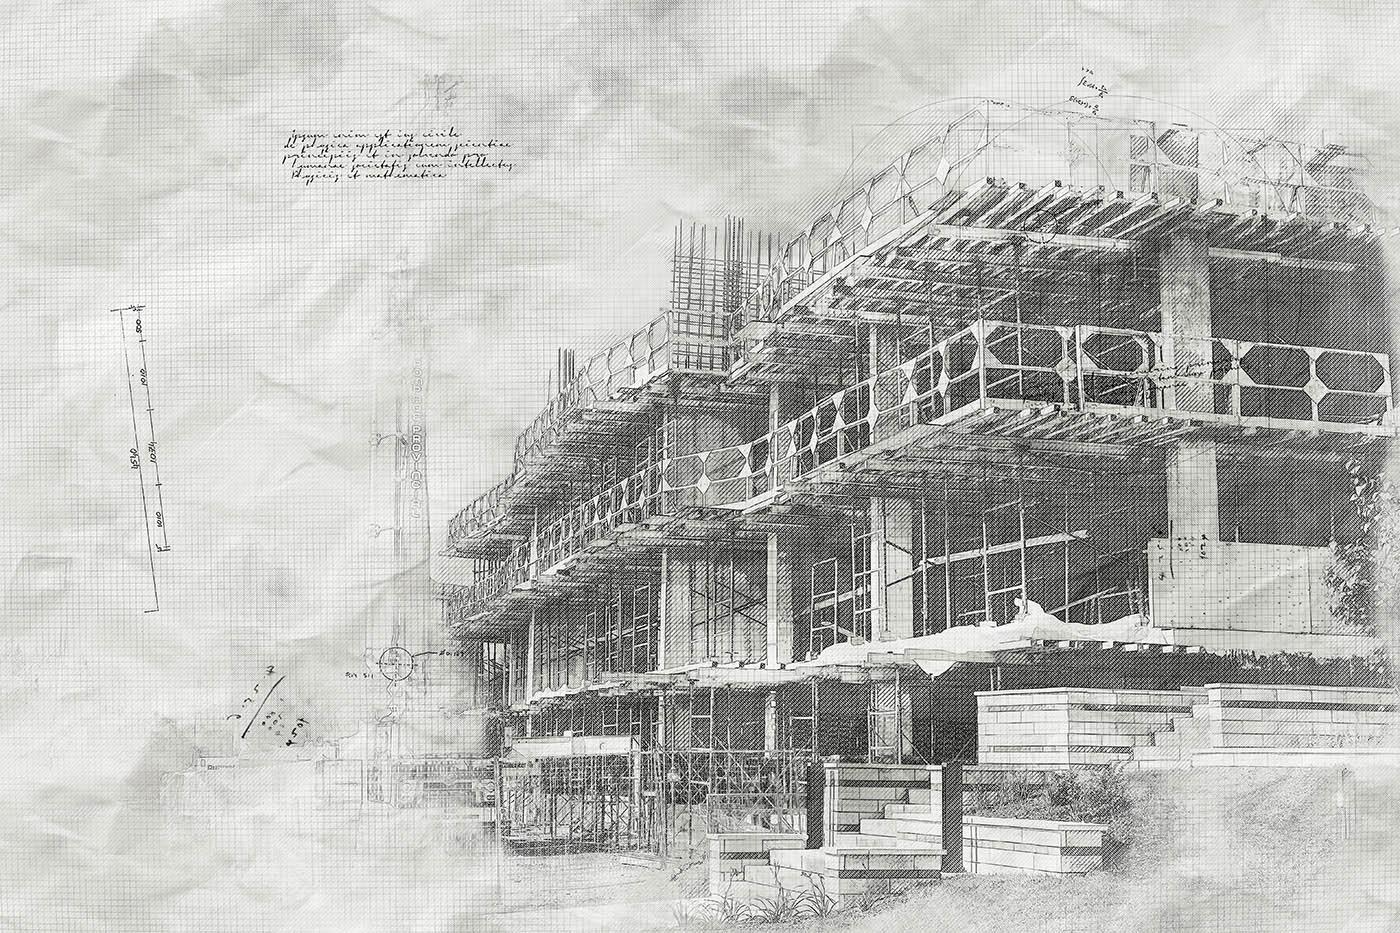 Image sketch de projet de construction en noir et blanc - photo stock